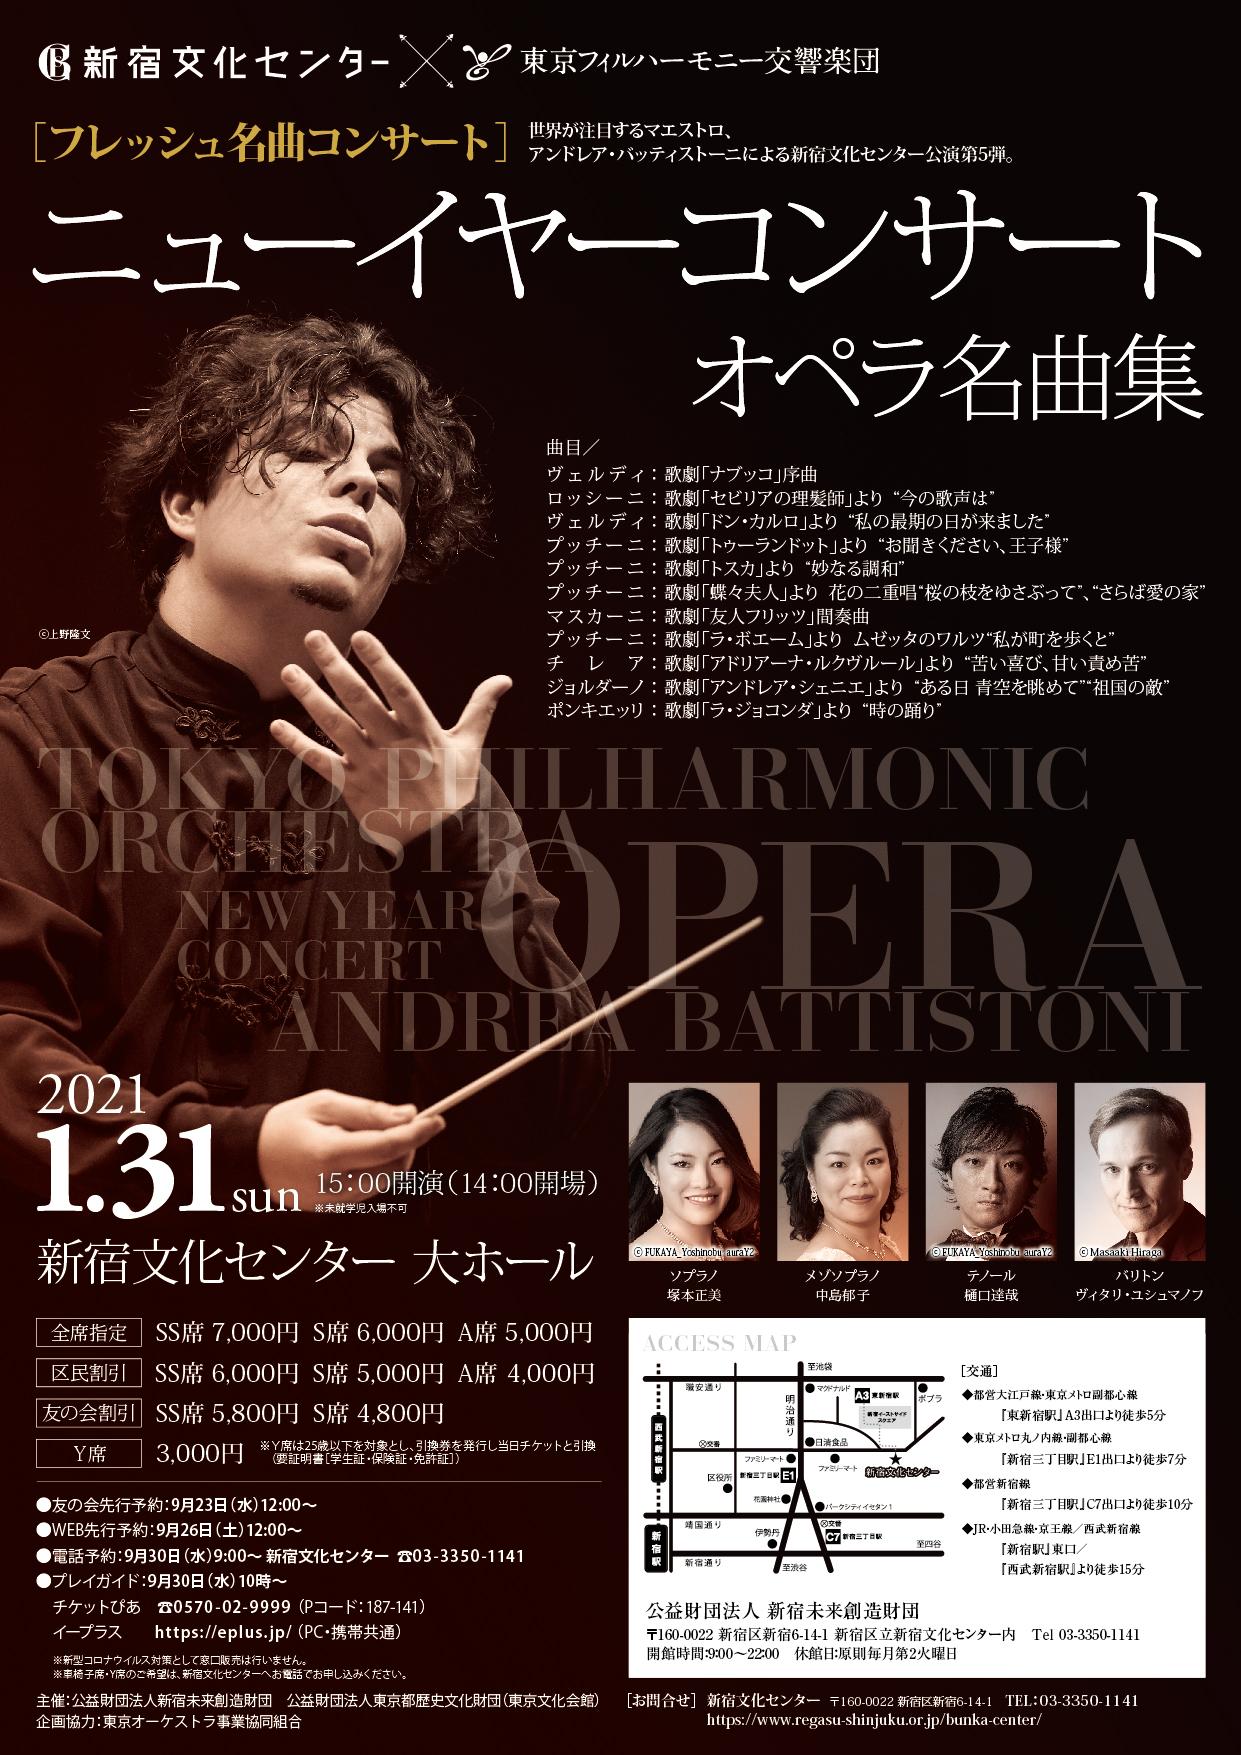 フレッシュ名曲コンサート「ニューイヤー・コンサート」 ~オペラ名曲集~